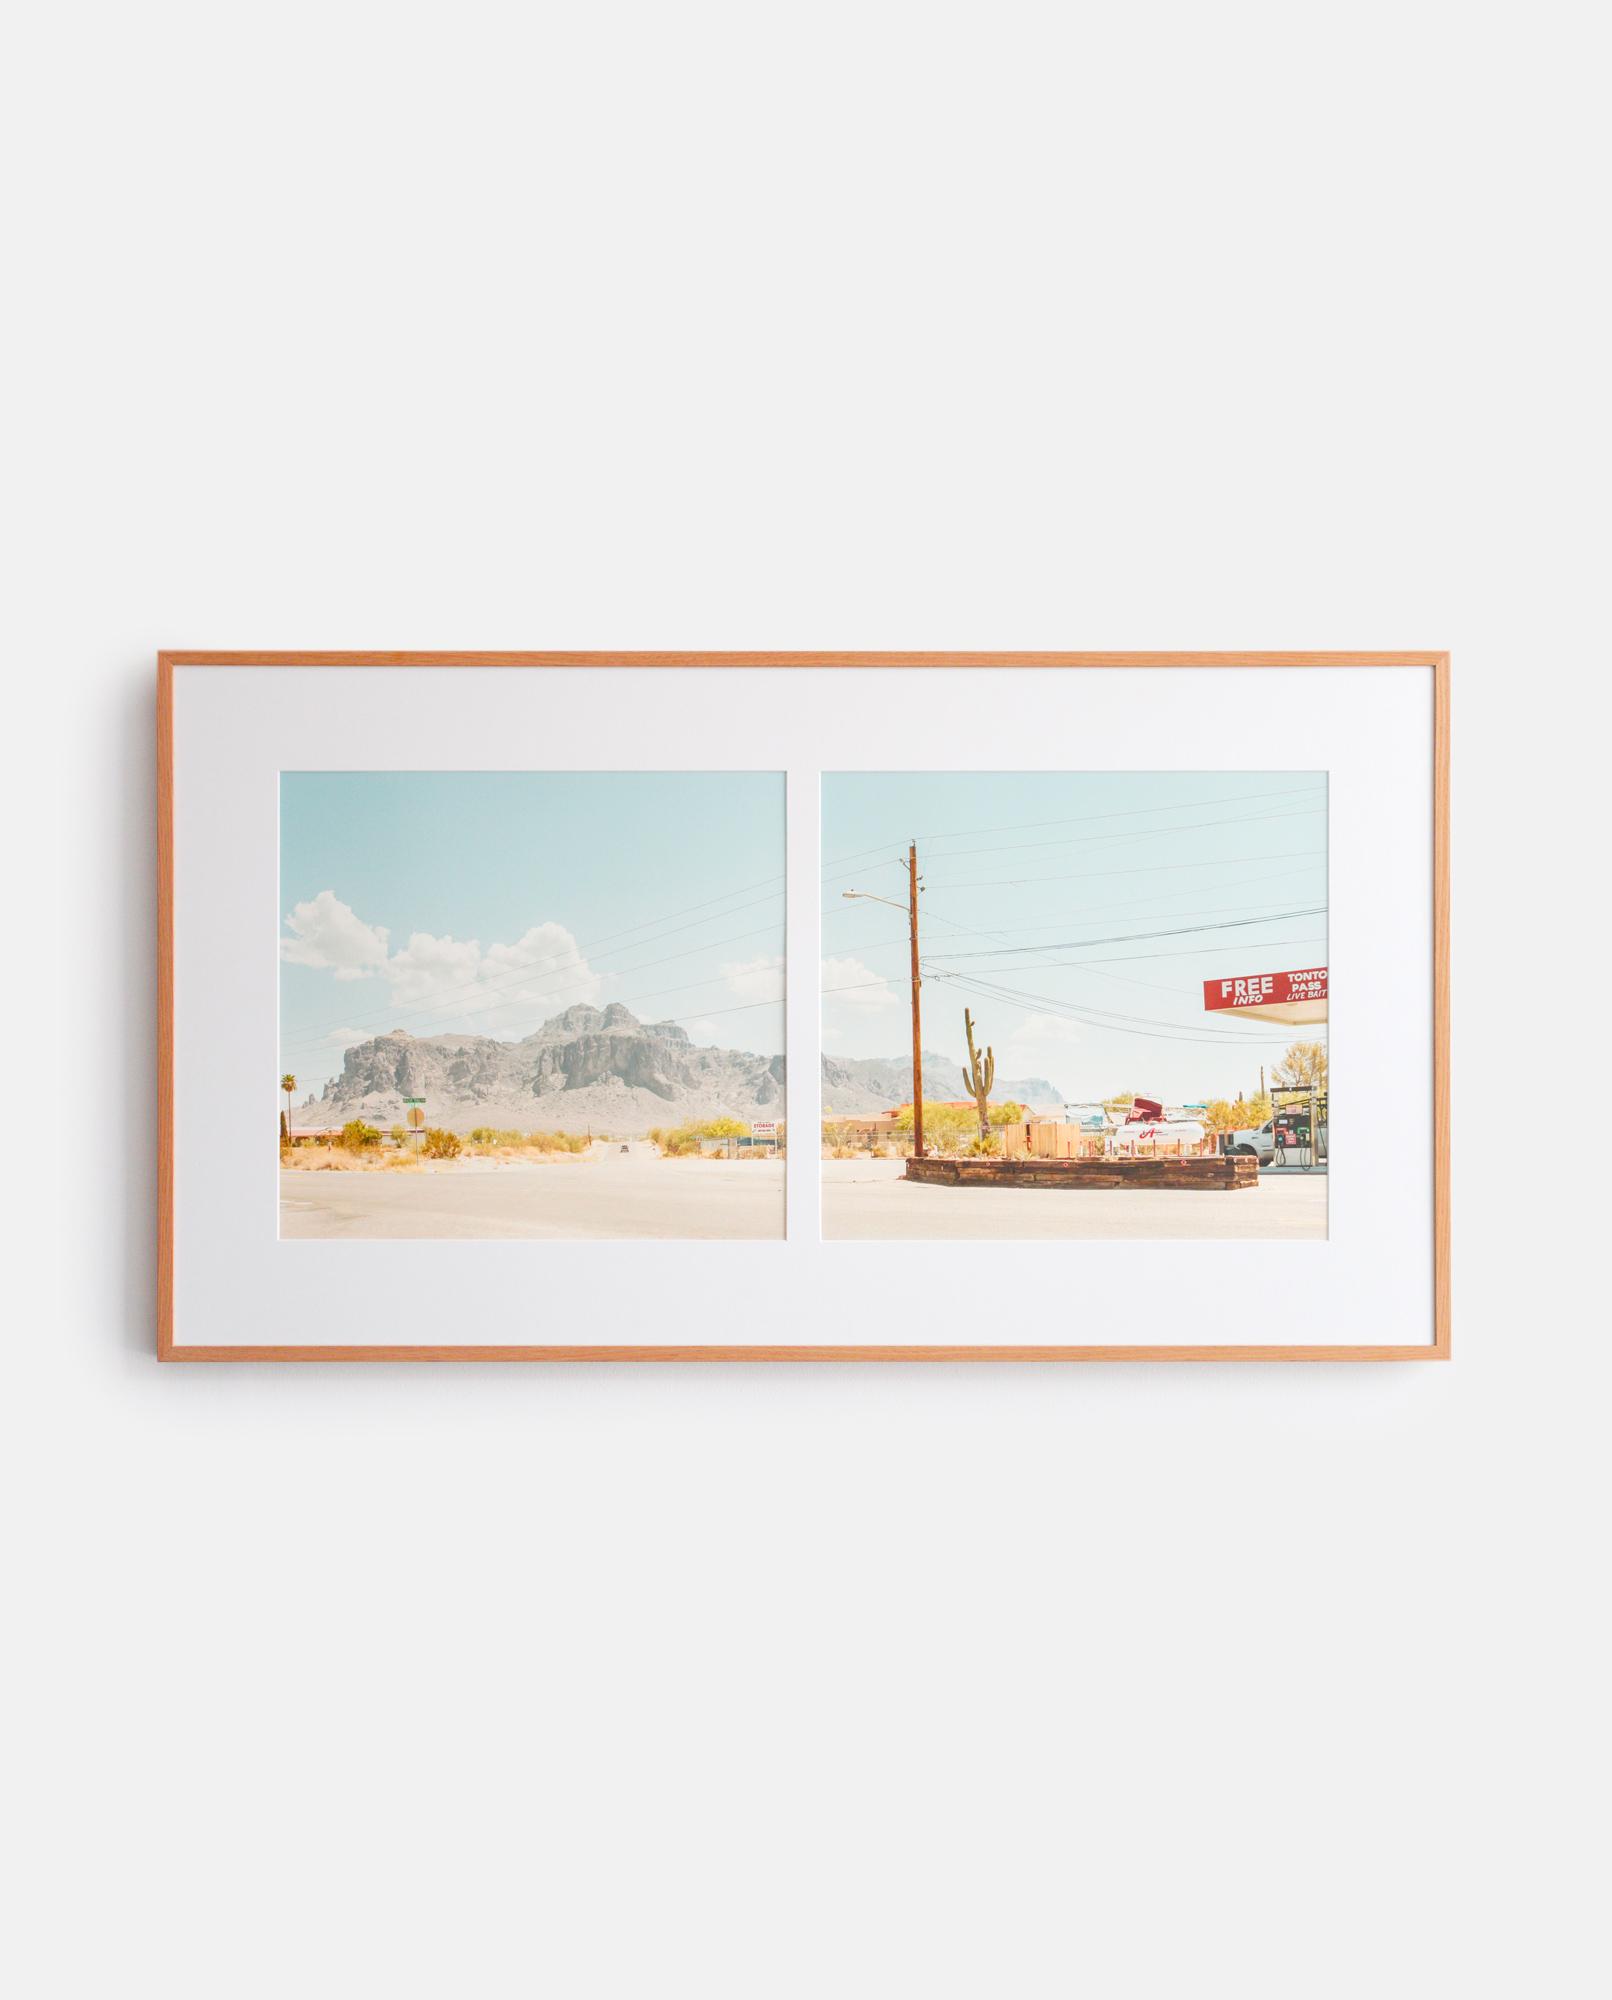 Neess encadrement atelier restauration dorure galerie chatelain bruxelles shop photographie artiste frederic van hoof